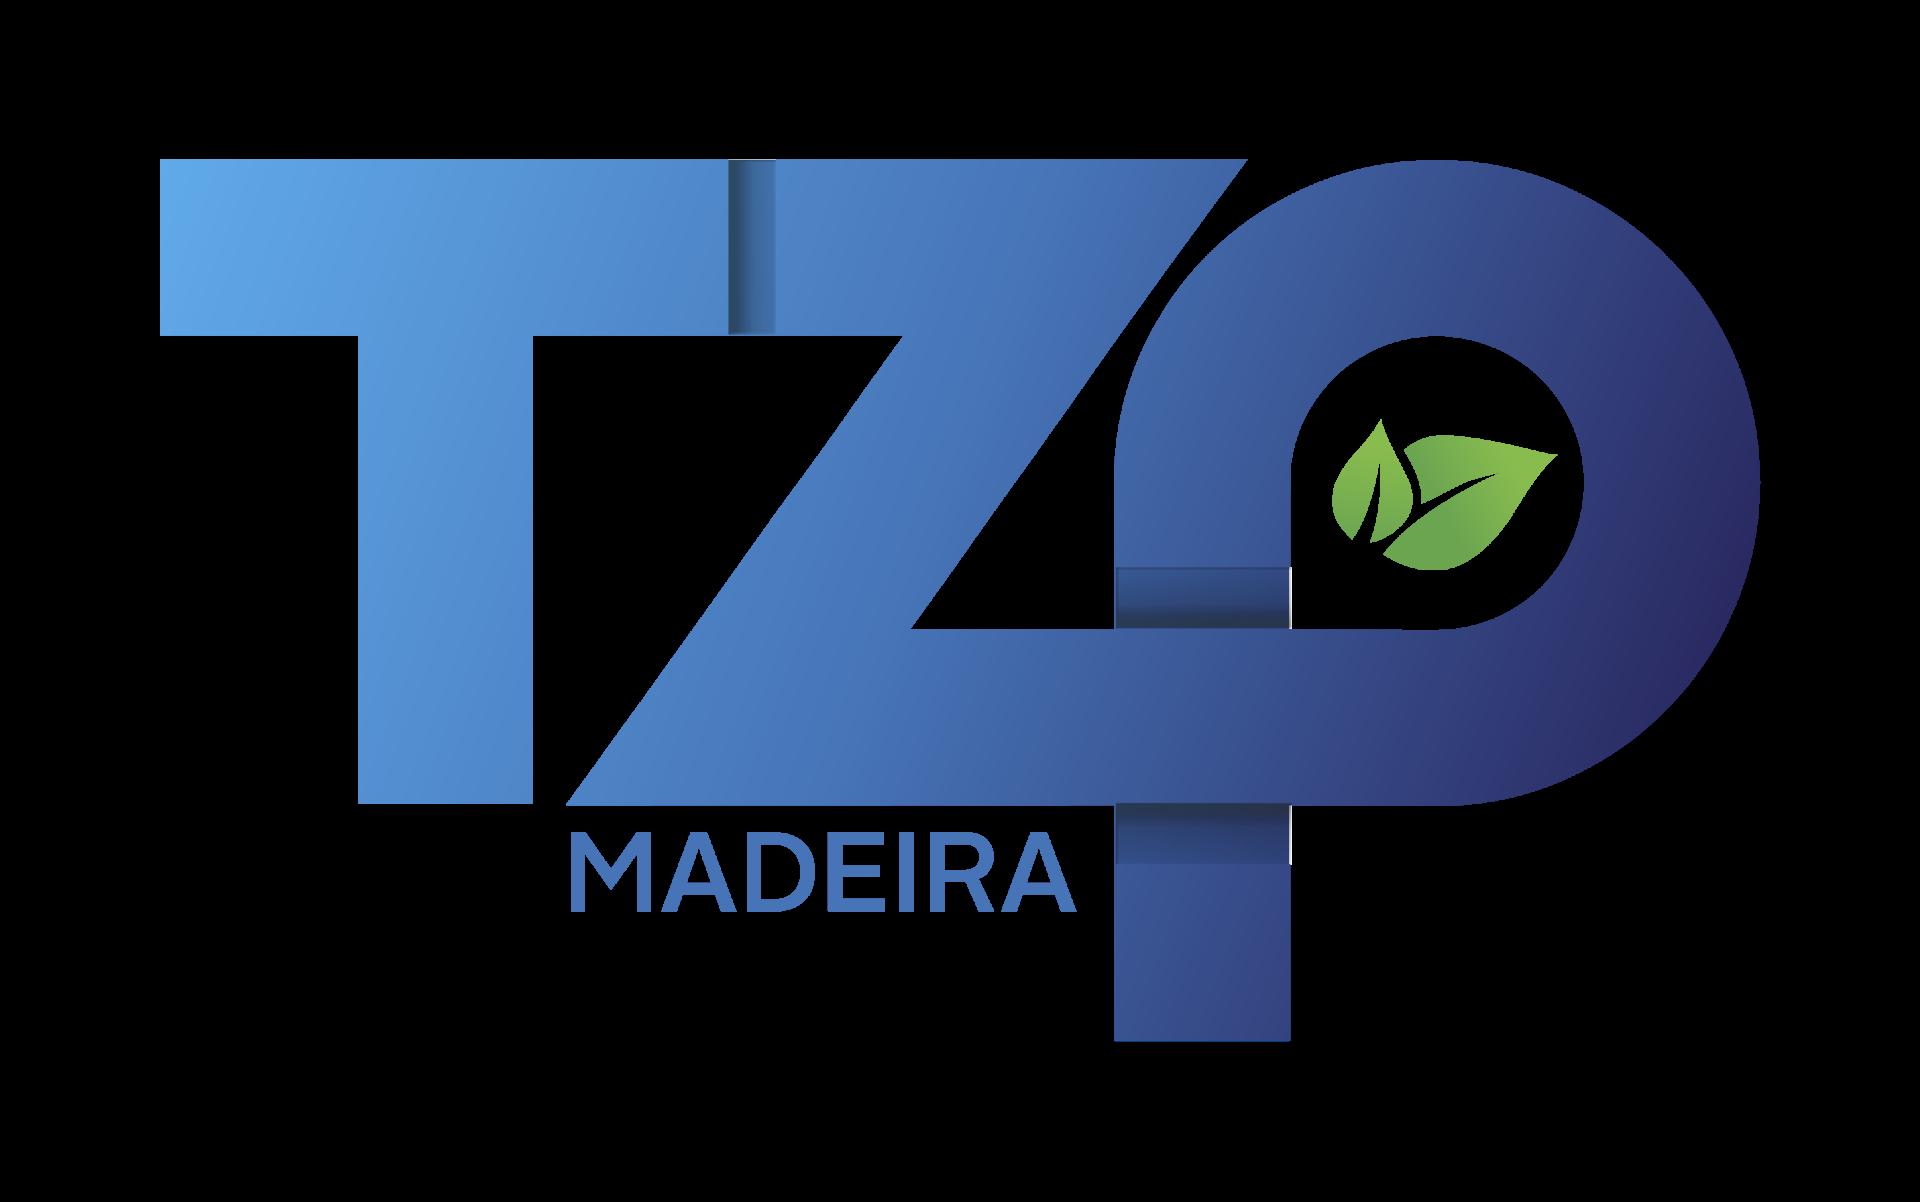 TZP_MADEIRA